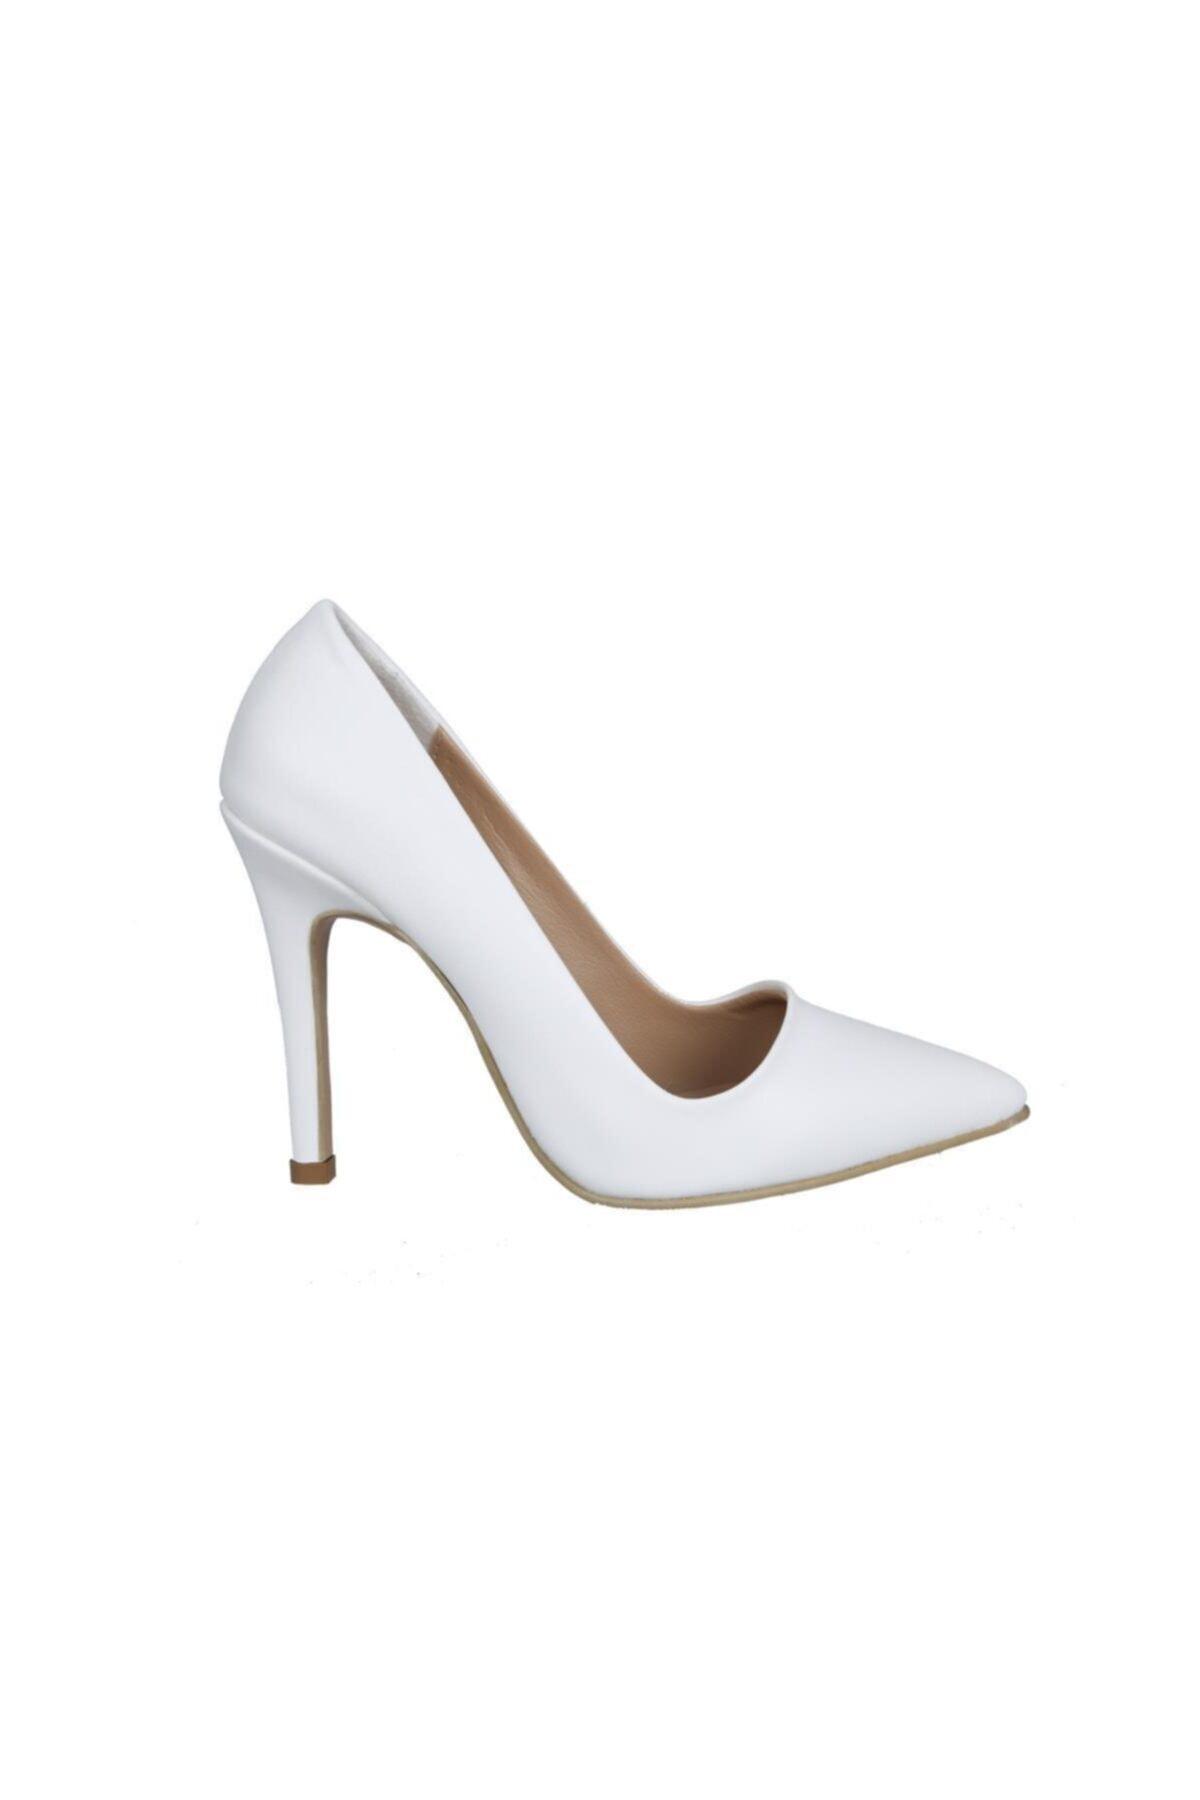 MİSS PARK MODA Beyaz Kadın Stiletto